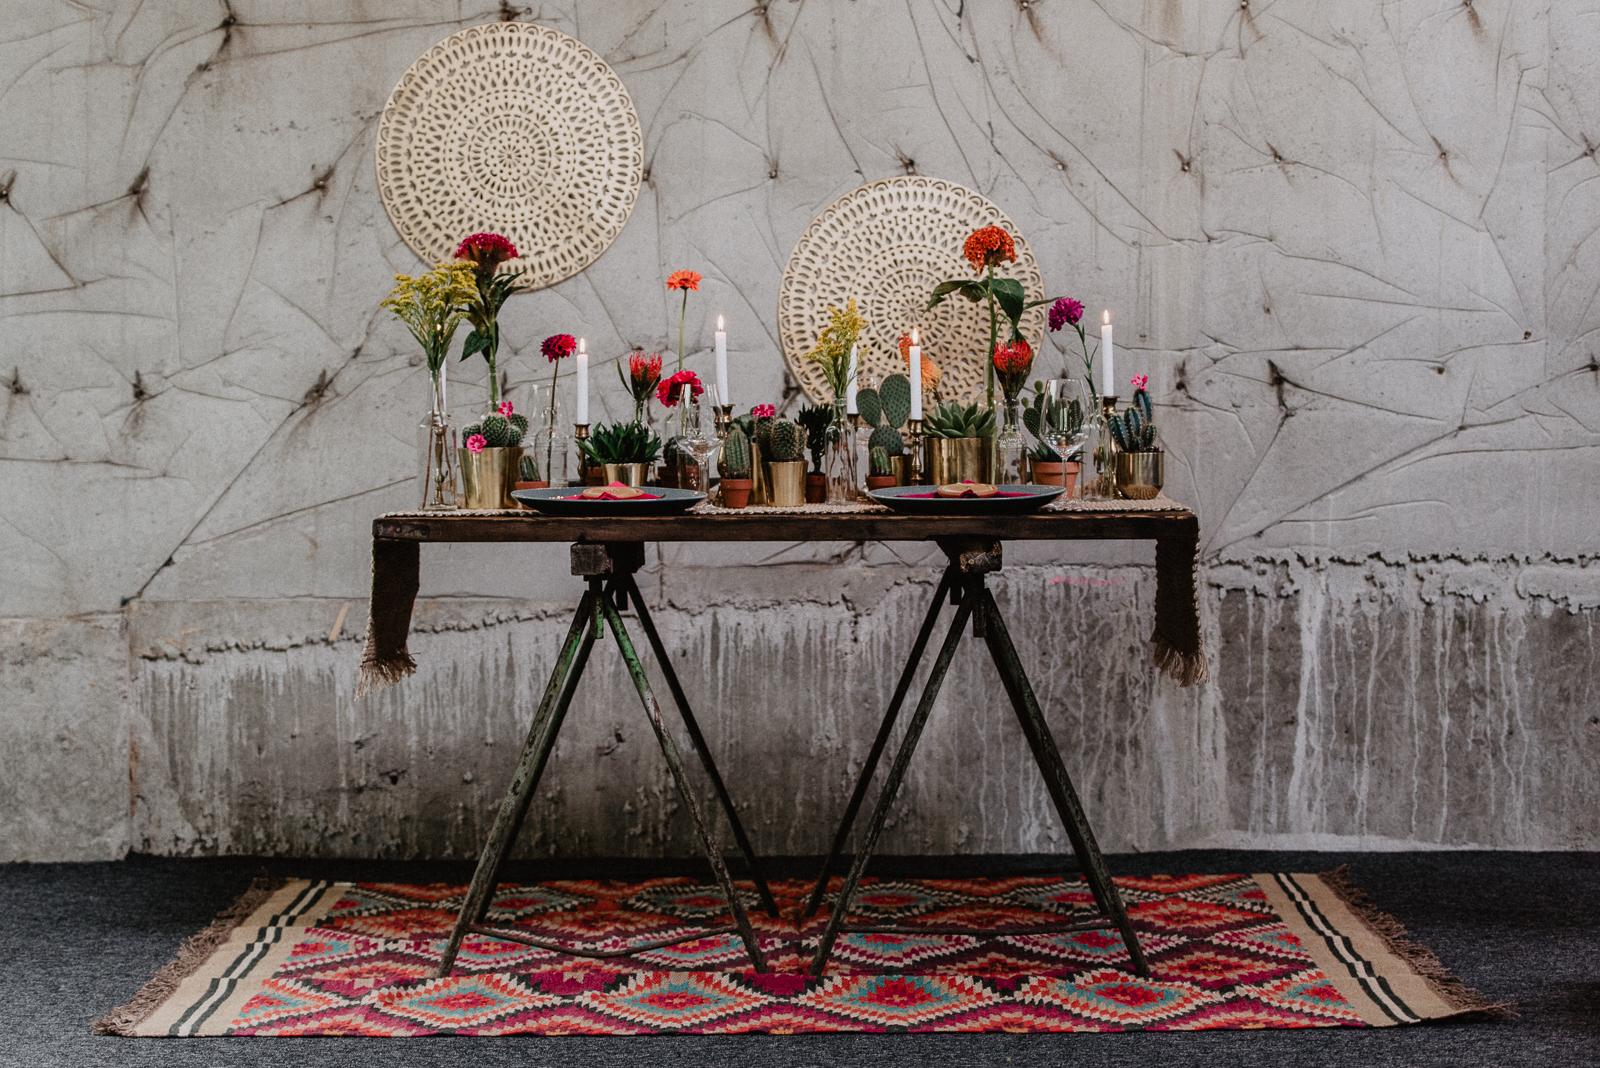 014-tischerie-floraldesign-floristik-tischdeko-hochzeit-hochzeitsdeko-bochum